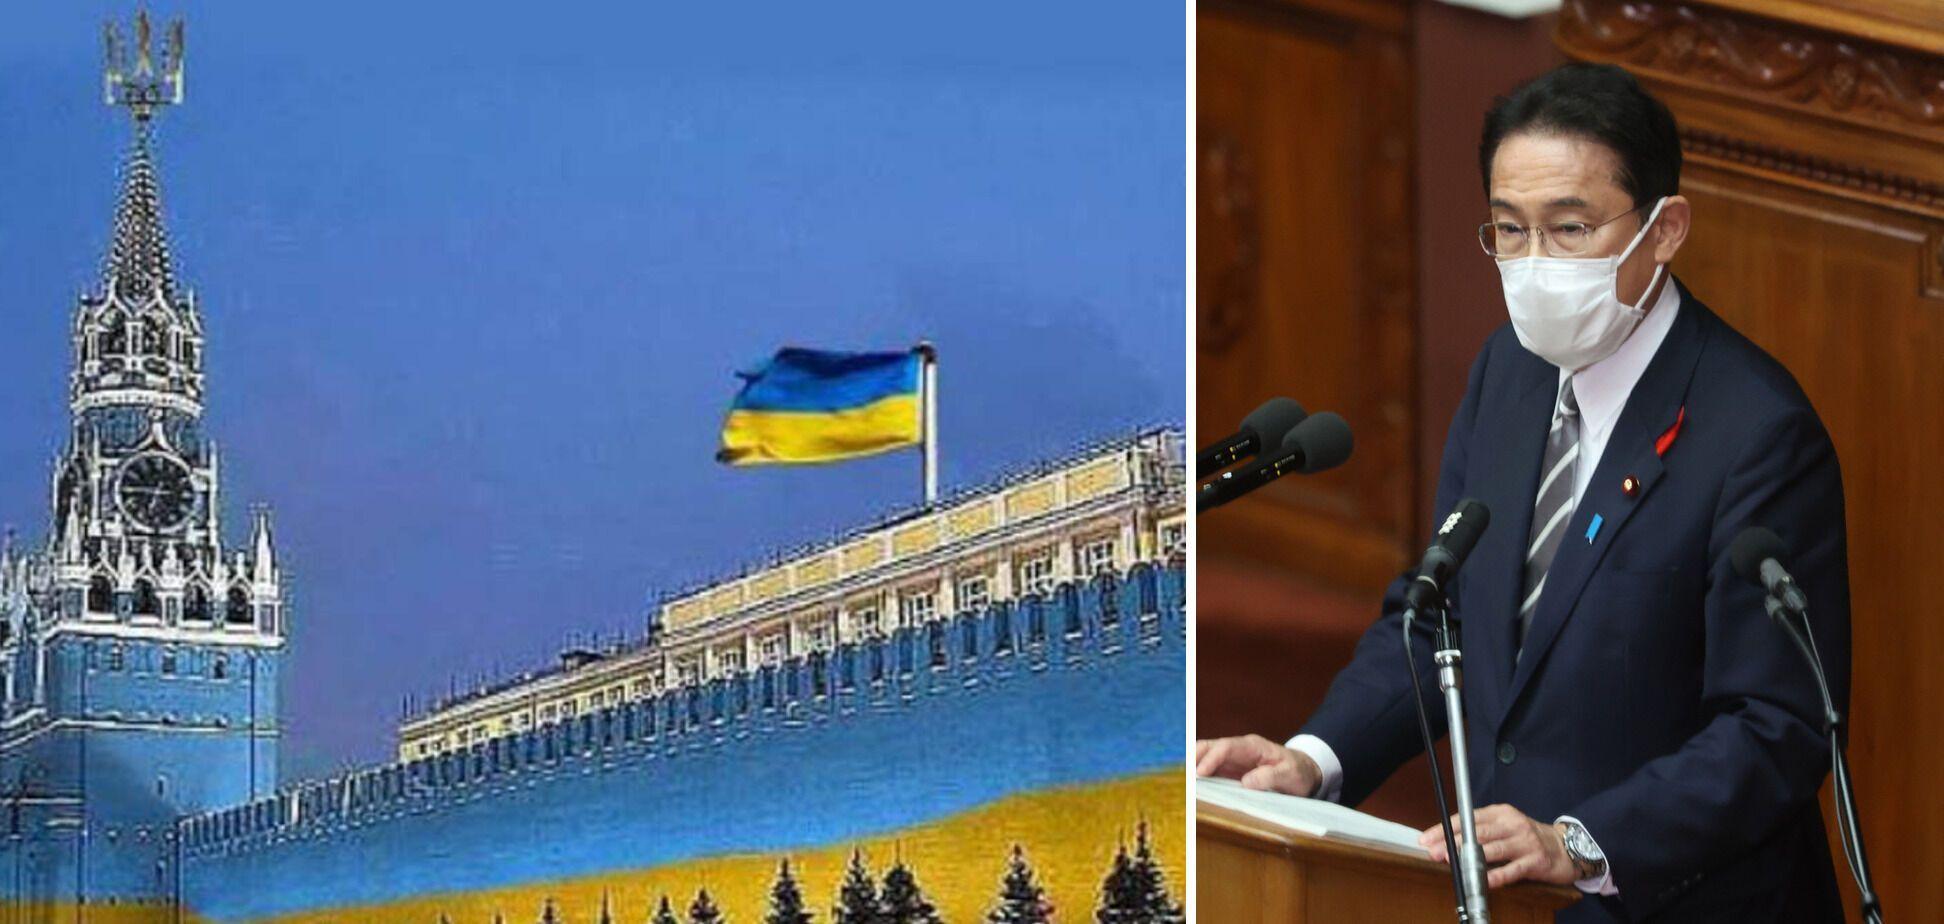 Як гукнеться... Про претензії Японії до РФ, ізраїльську відповідь Ірану й український прапор над Кремлем